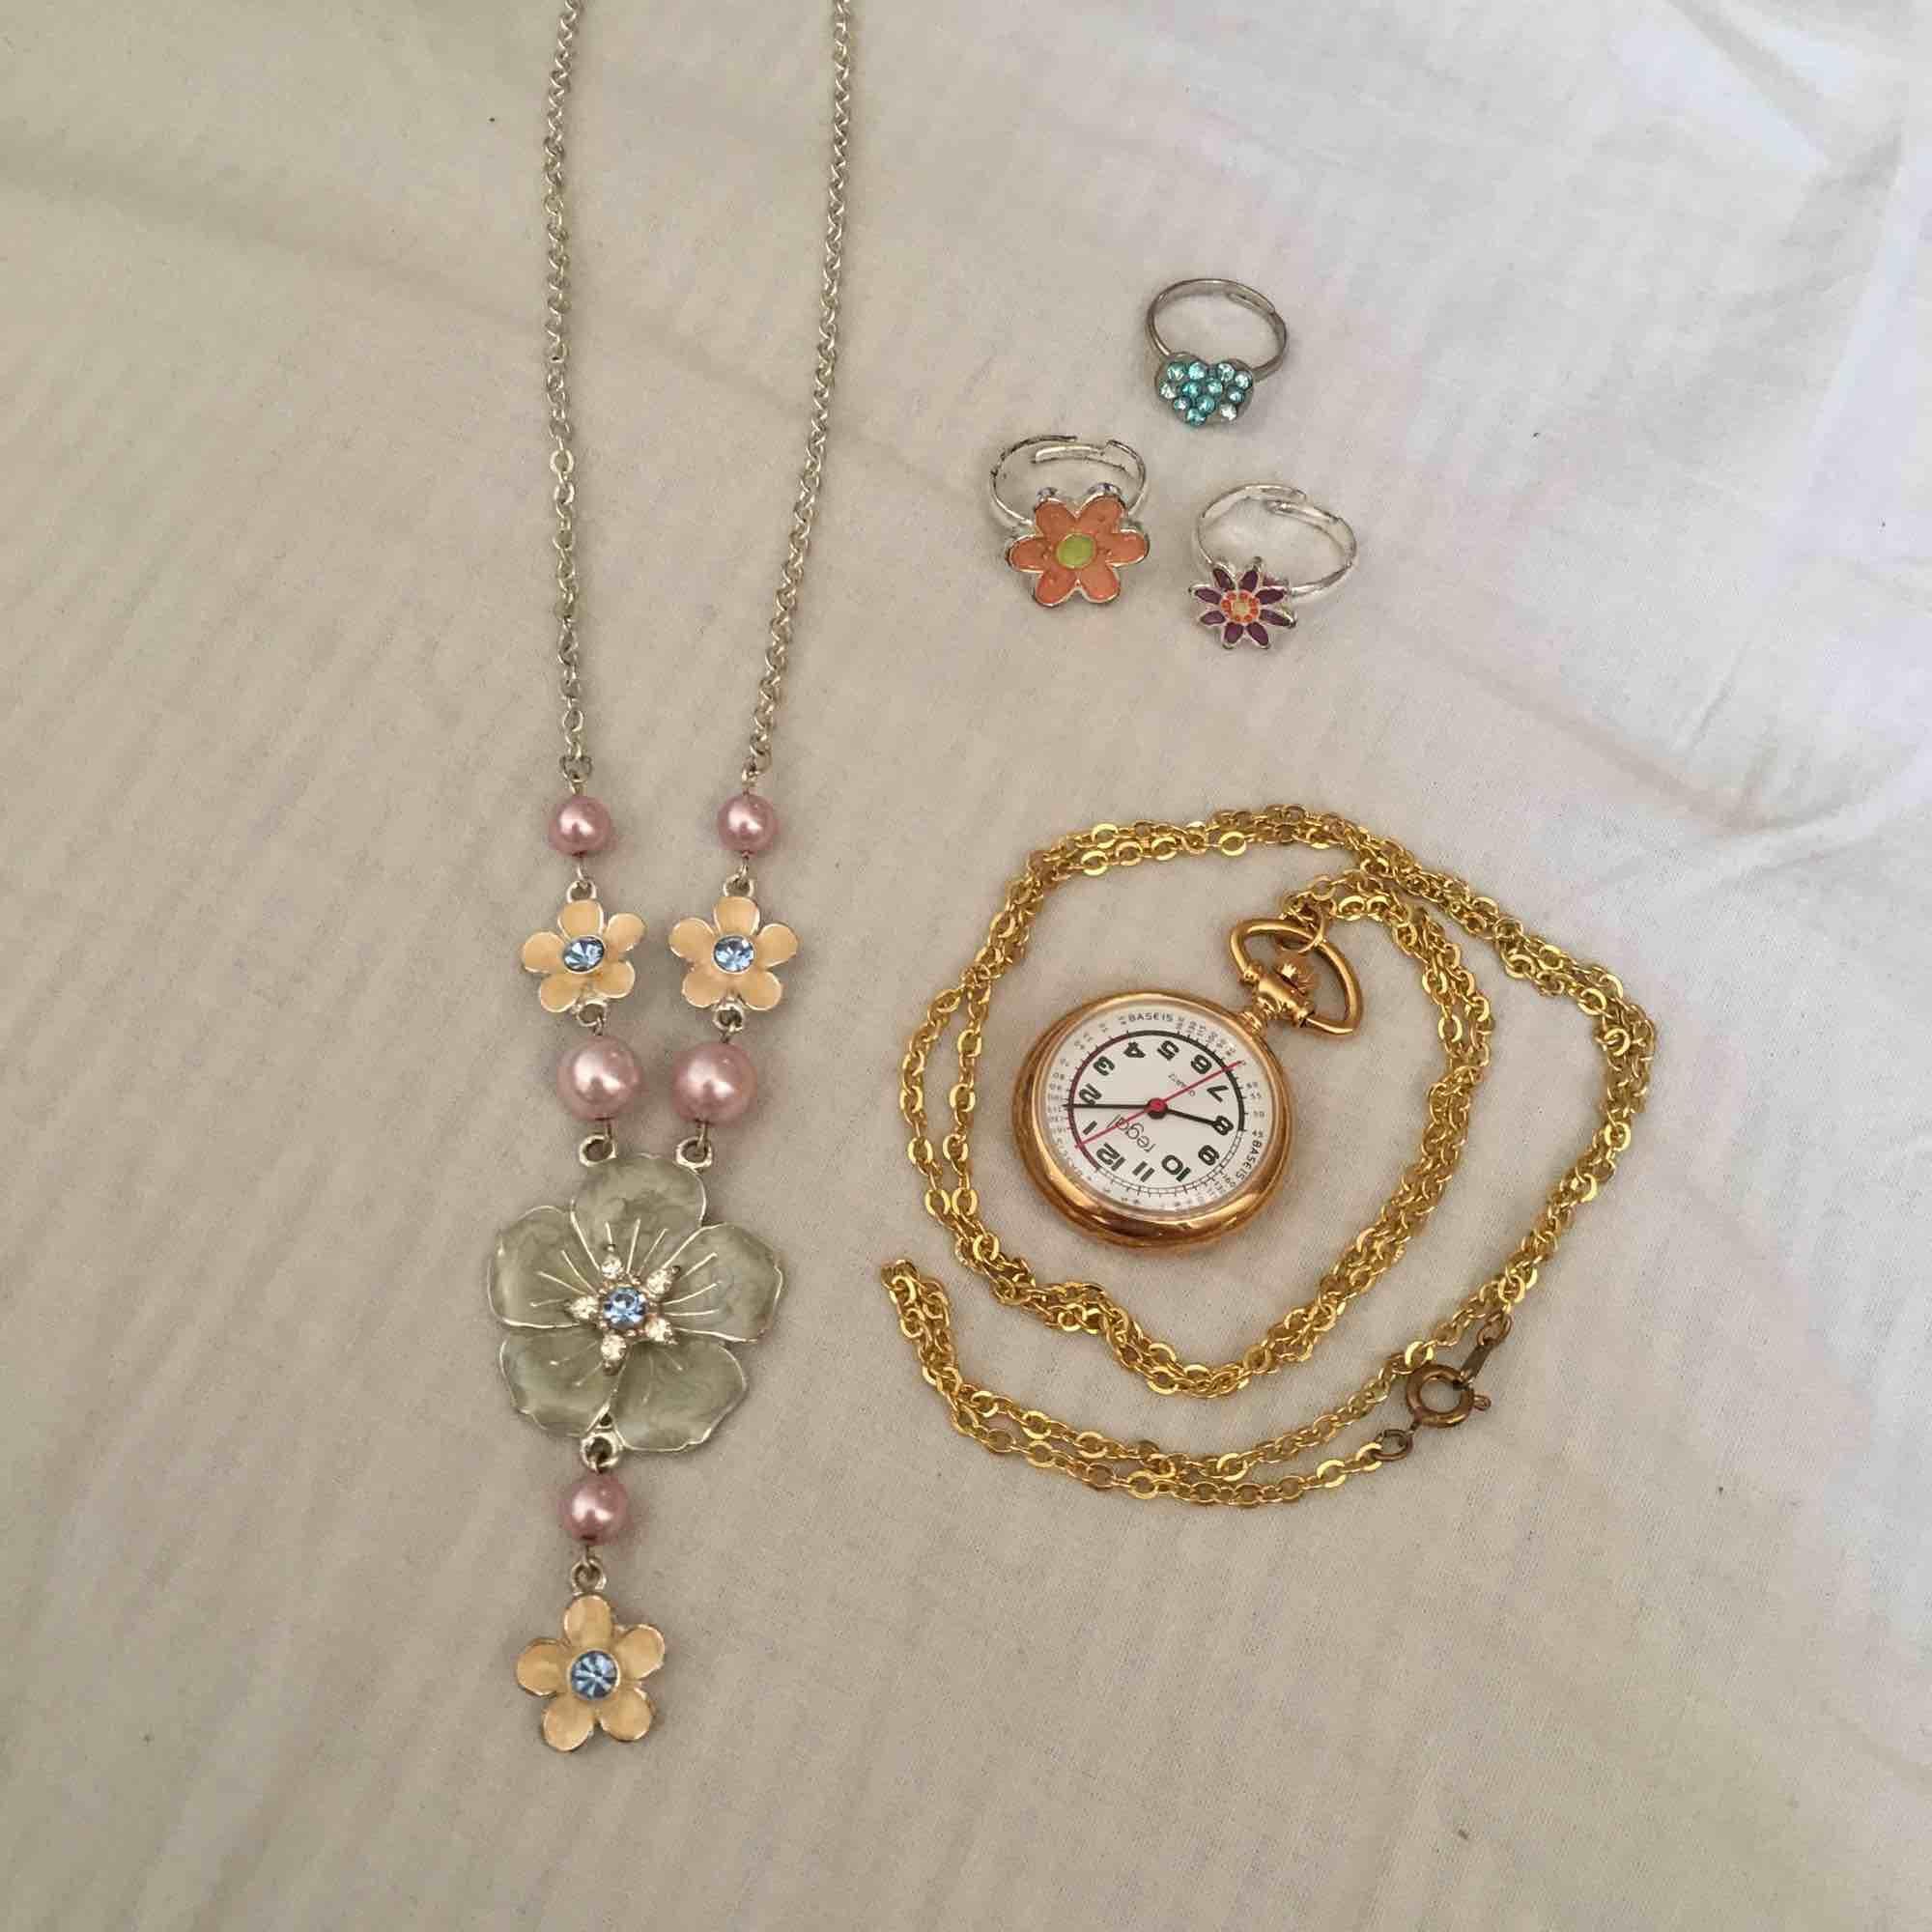 Halsband med blommor  30kr Halsband - Accessoarer - Second Hand 44d6590443184